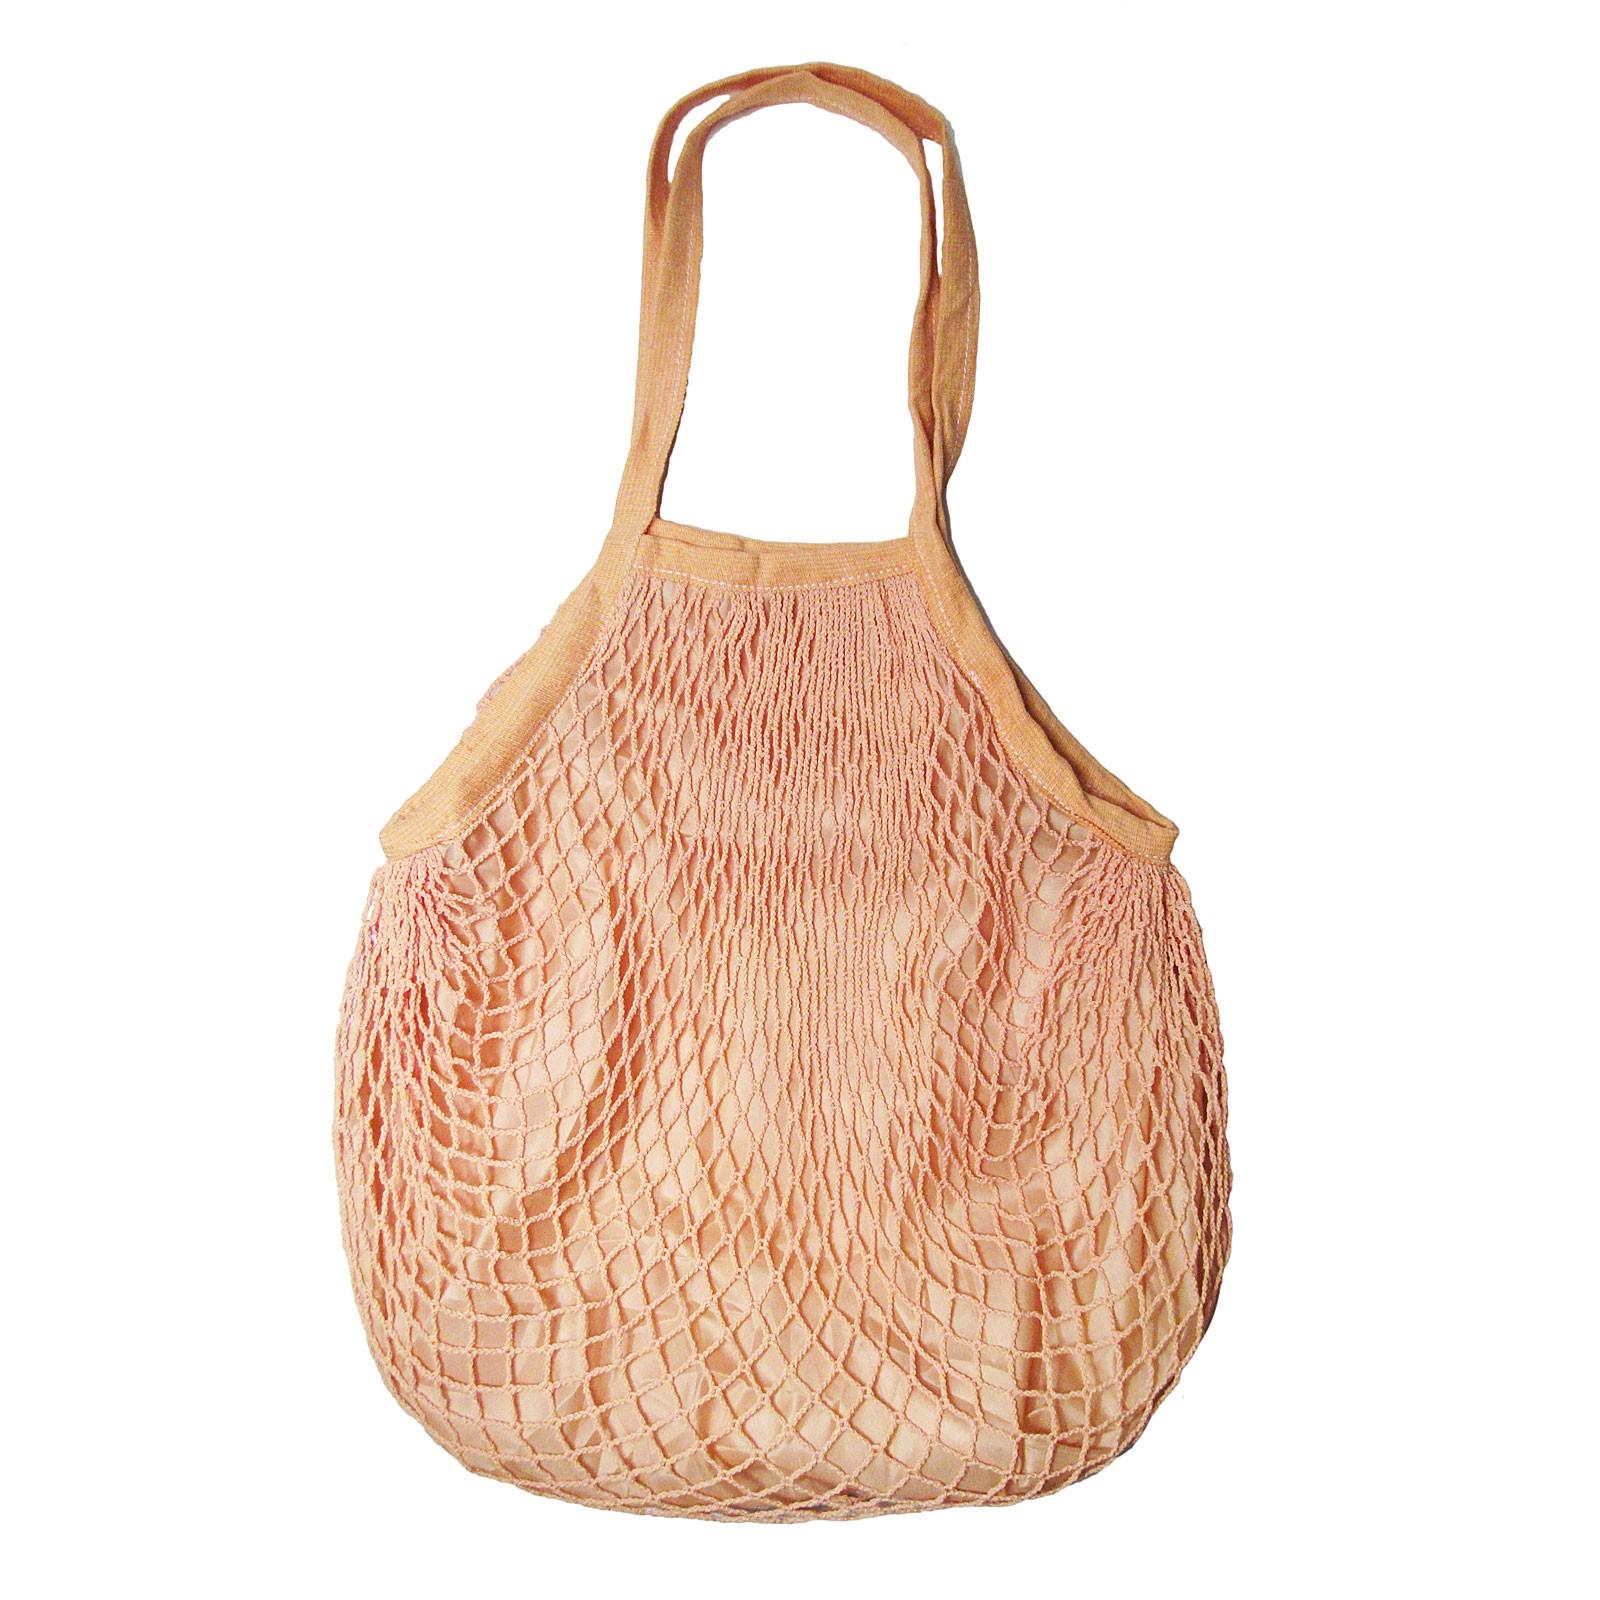 FISHERMEN MESH NET CARRYALL BAG